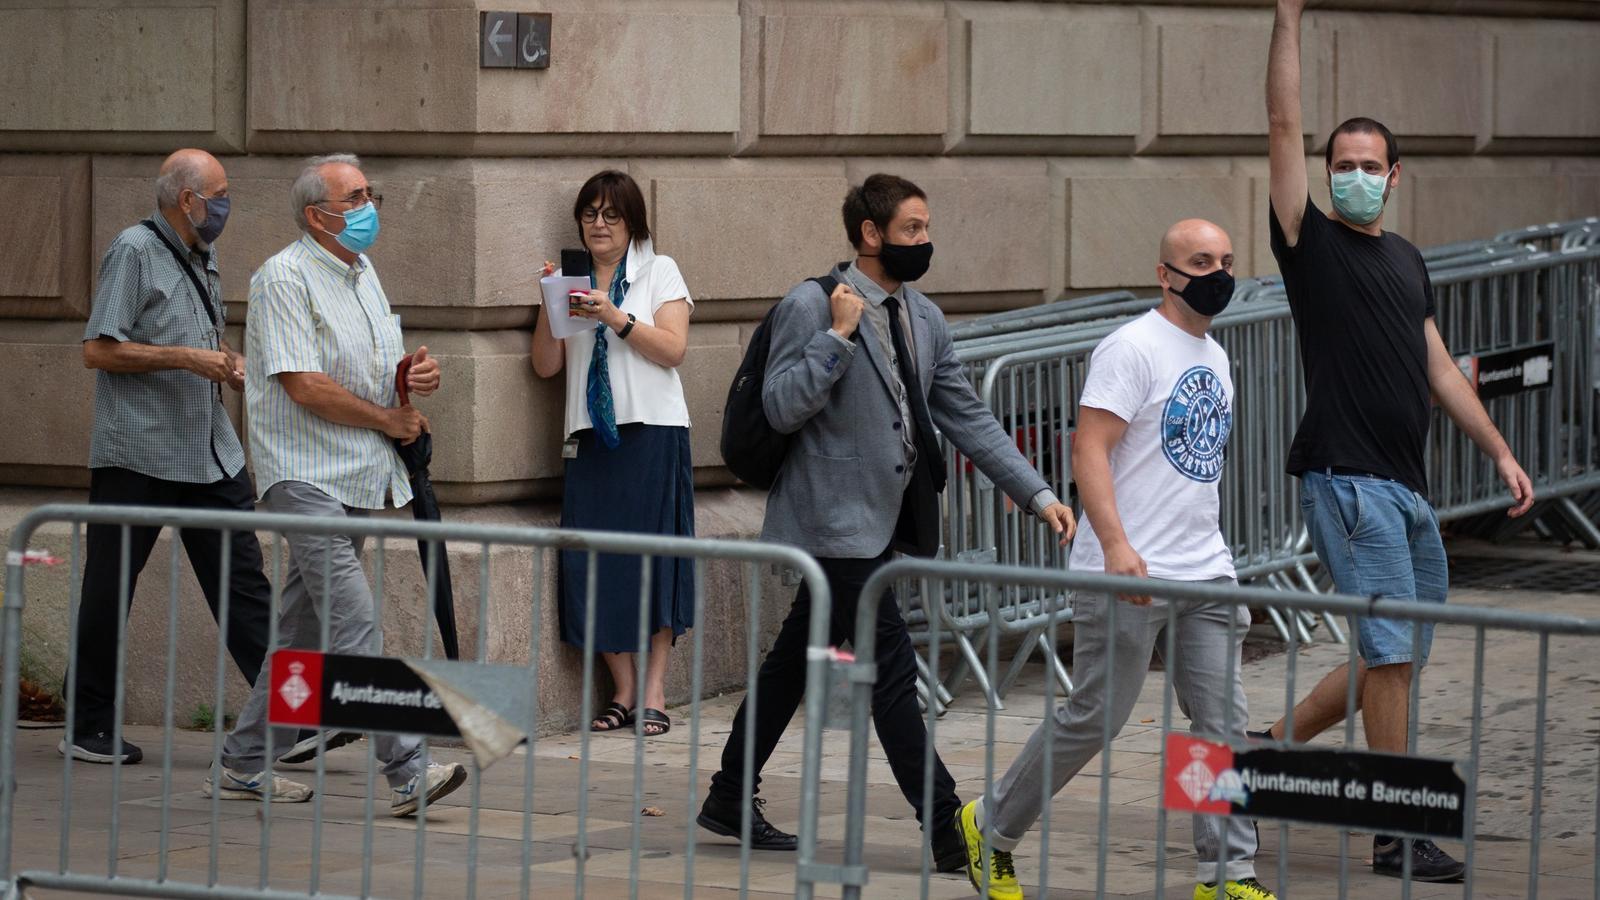 Quatre manifestants que s'enfronten a pena de presó pel tall de la ronda de Dalt el 8-N apel·len al dret de vaga